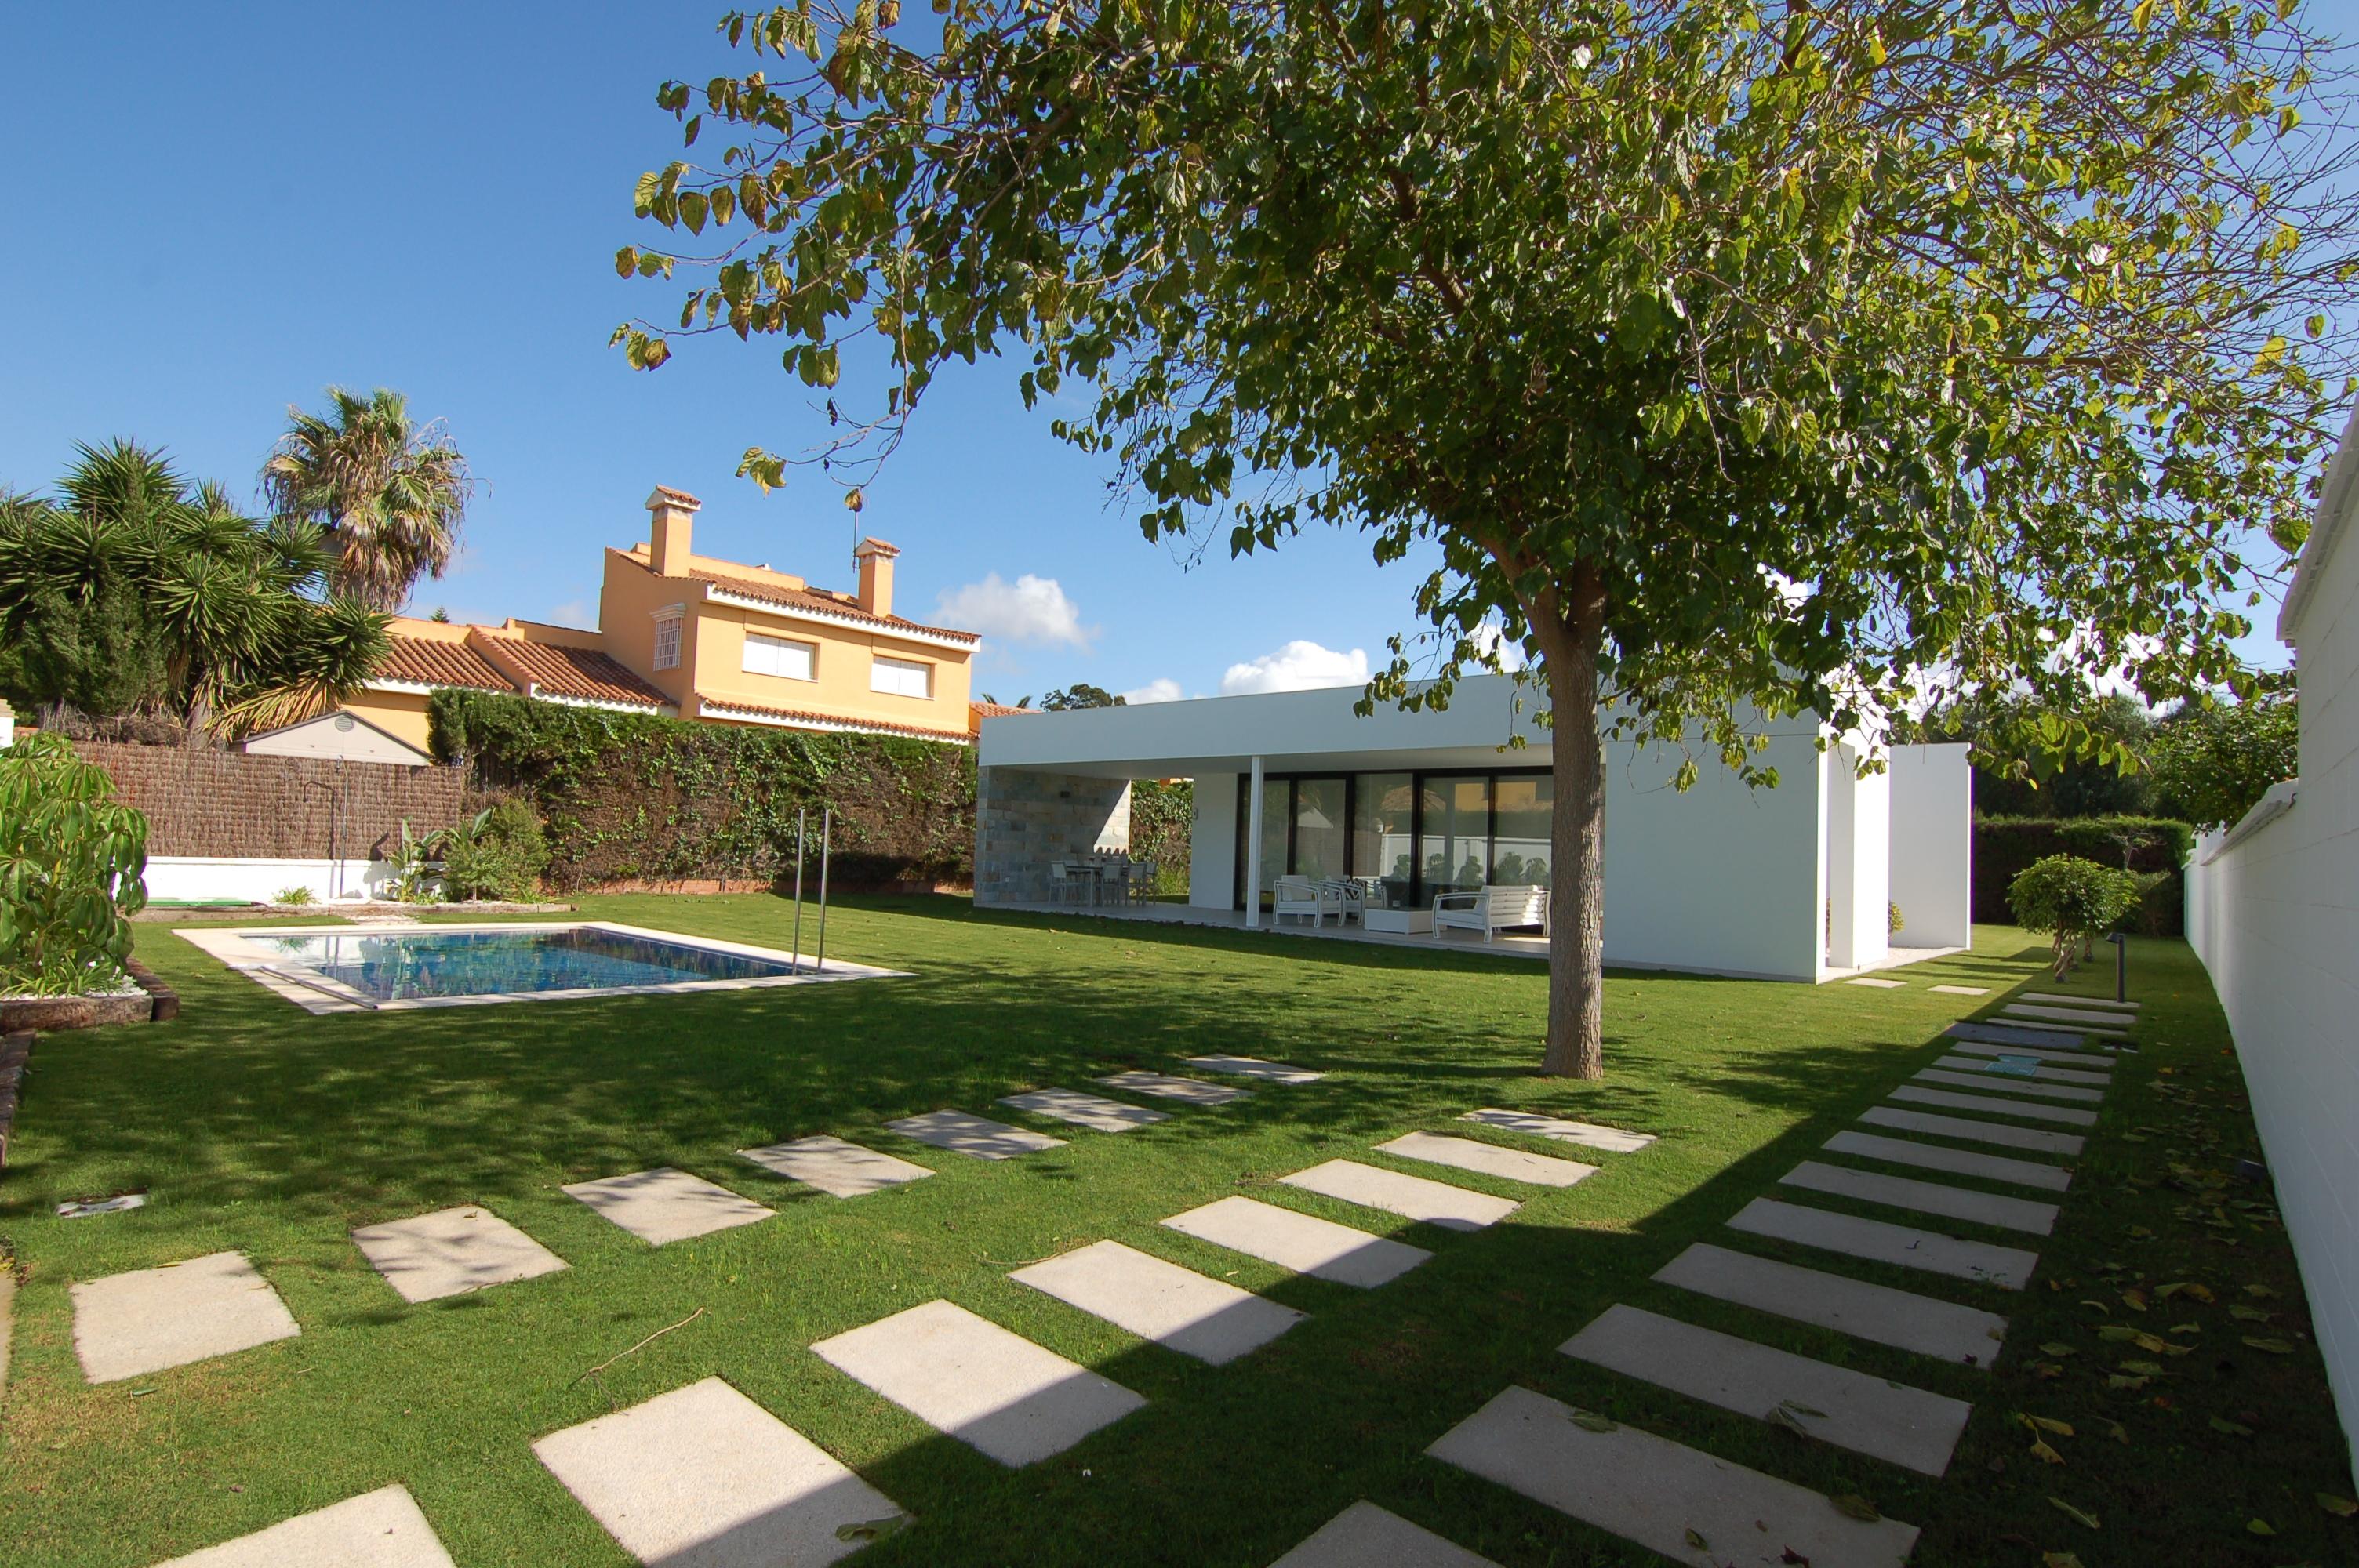 arquitectura Cadiz, Sevilla, Malaga, Seville, architecture